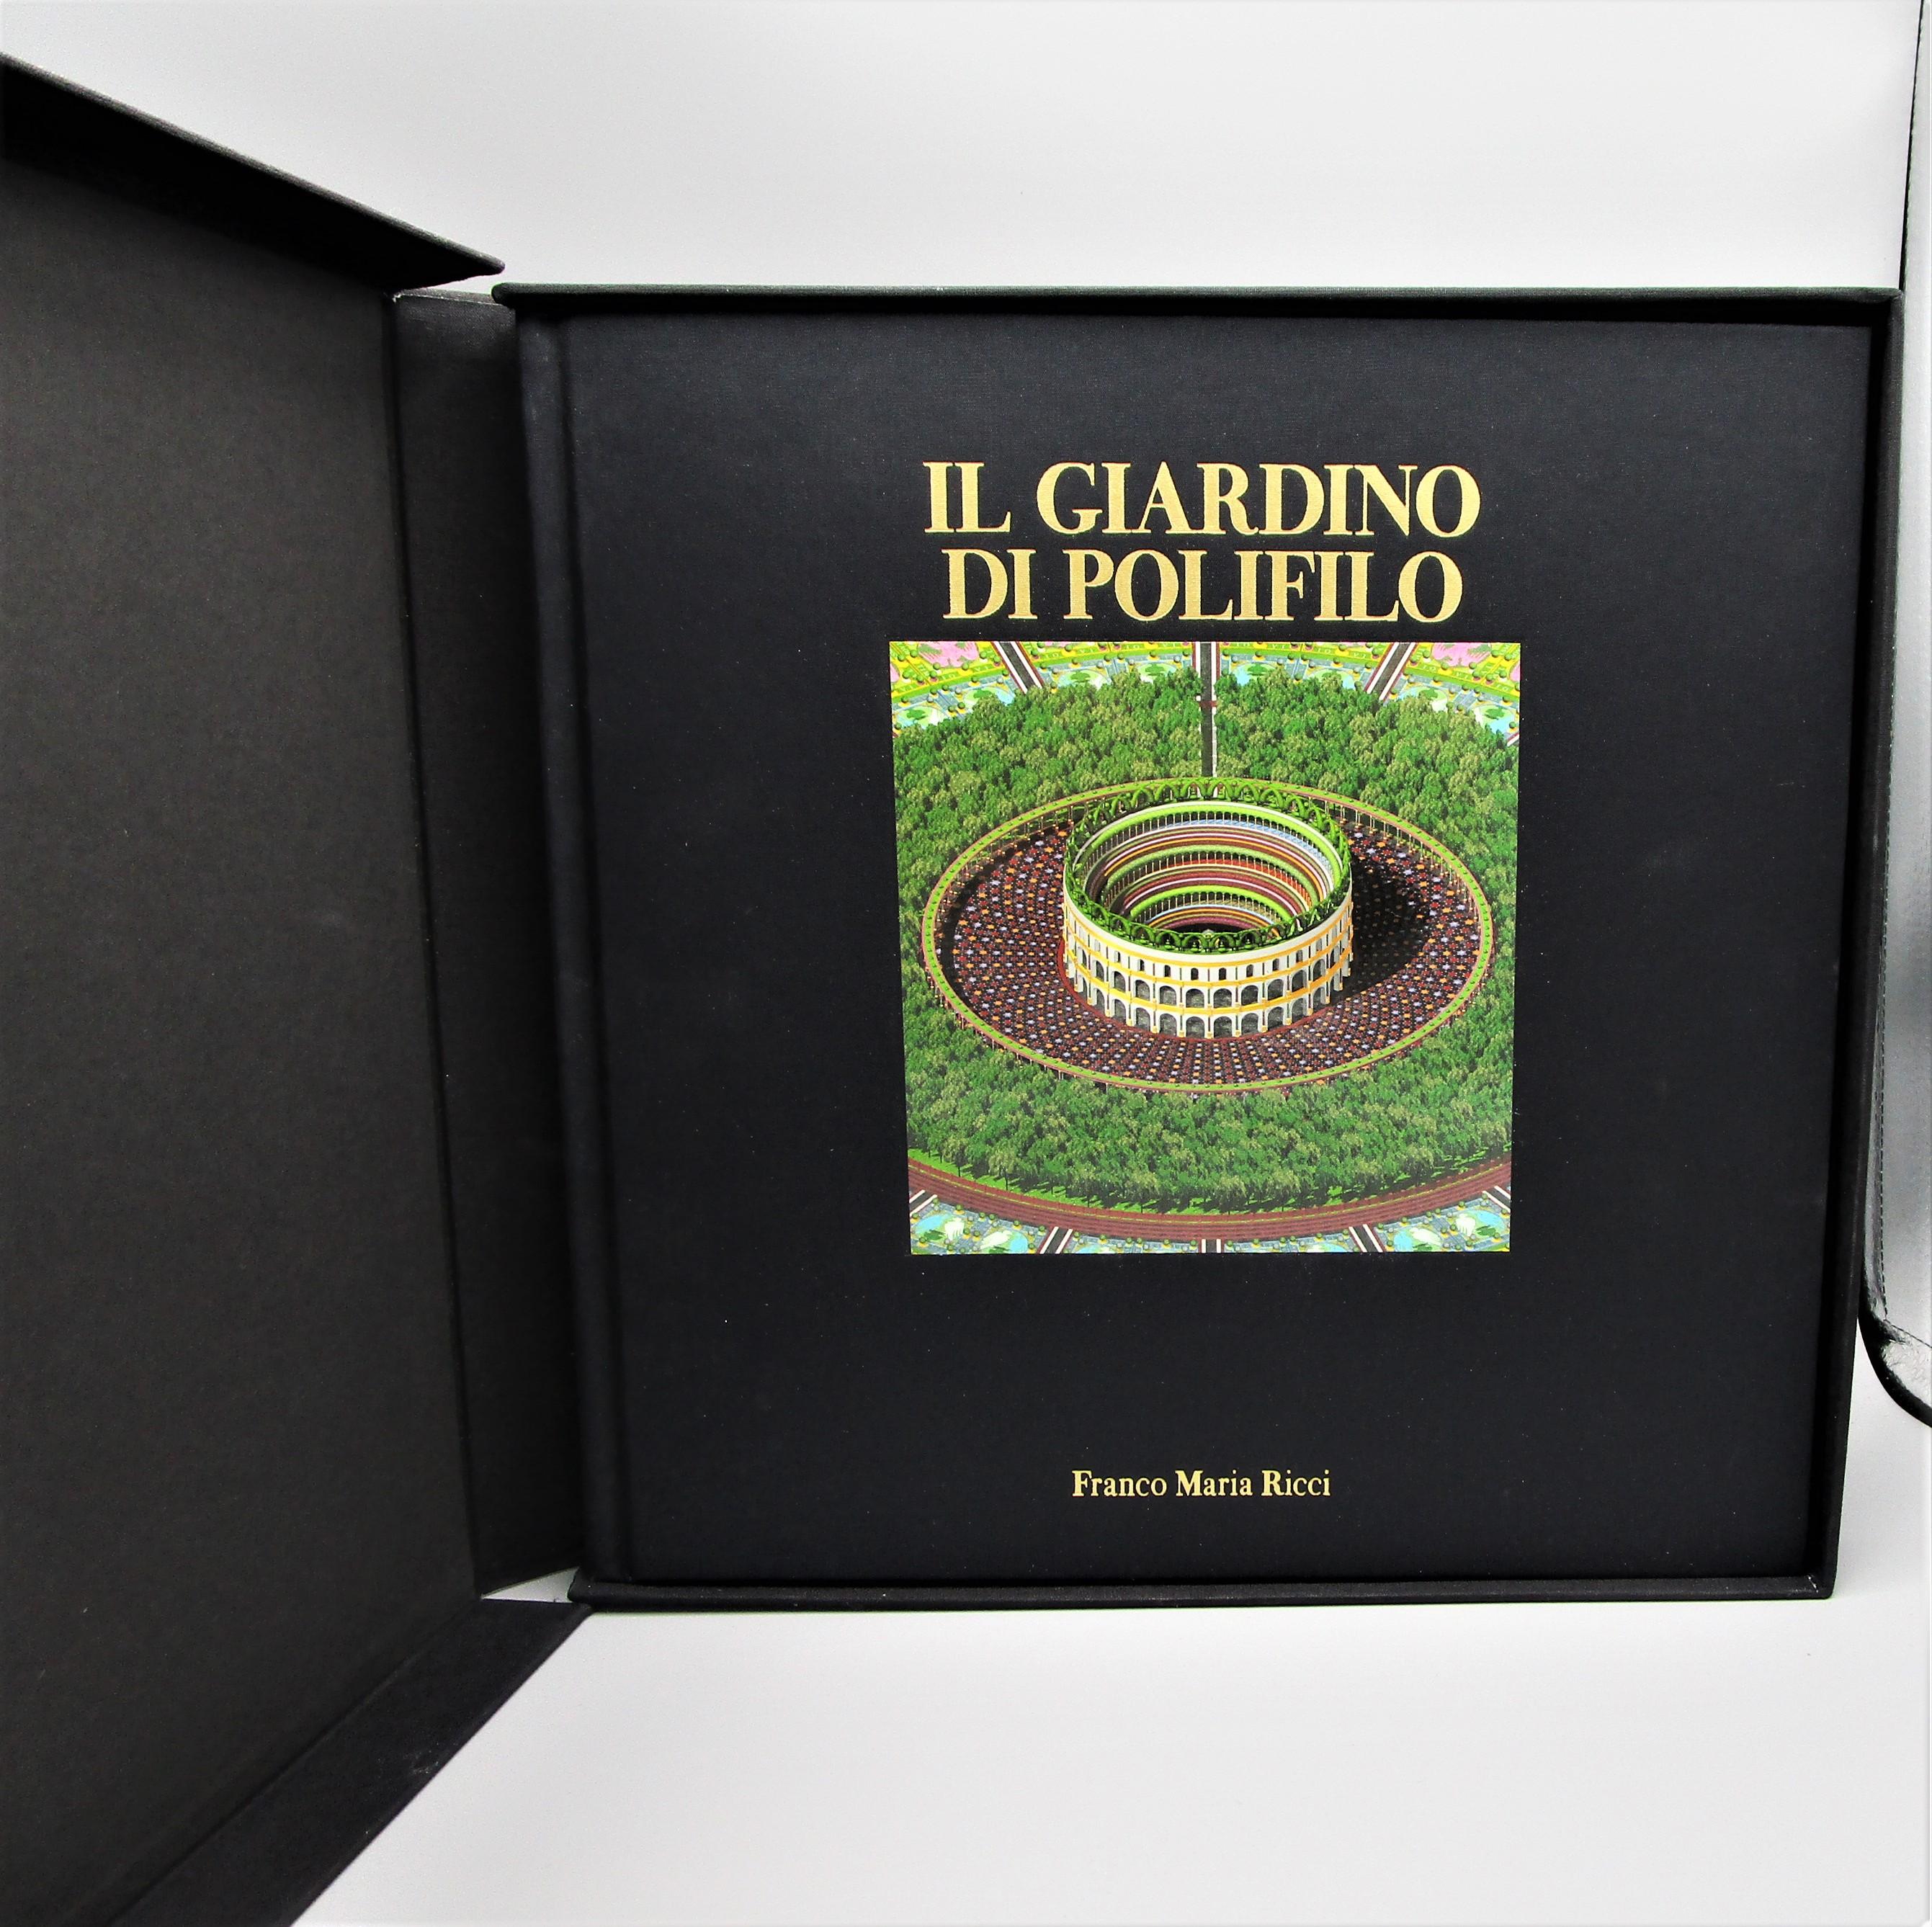 IL GIARDINO DI POLIFILO, by Franco Maria Ricci - 2002 [1st Ed]